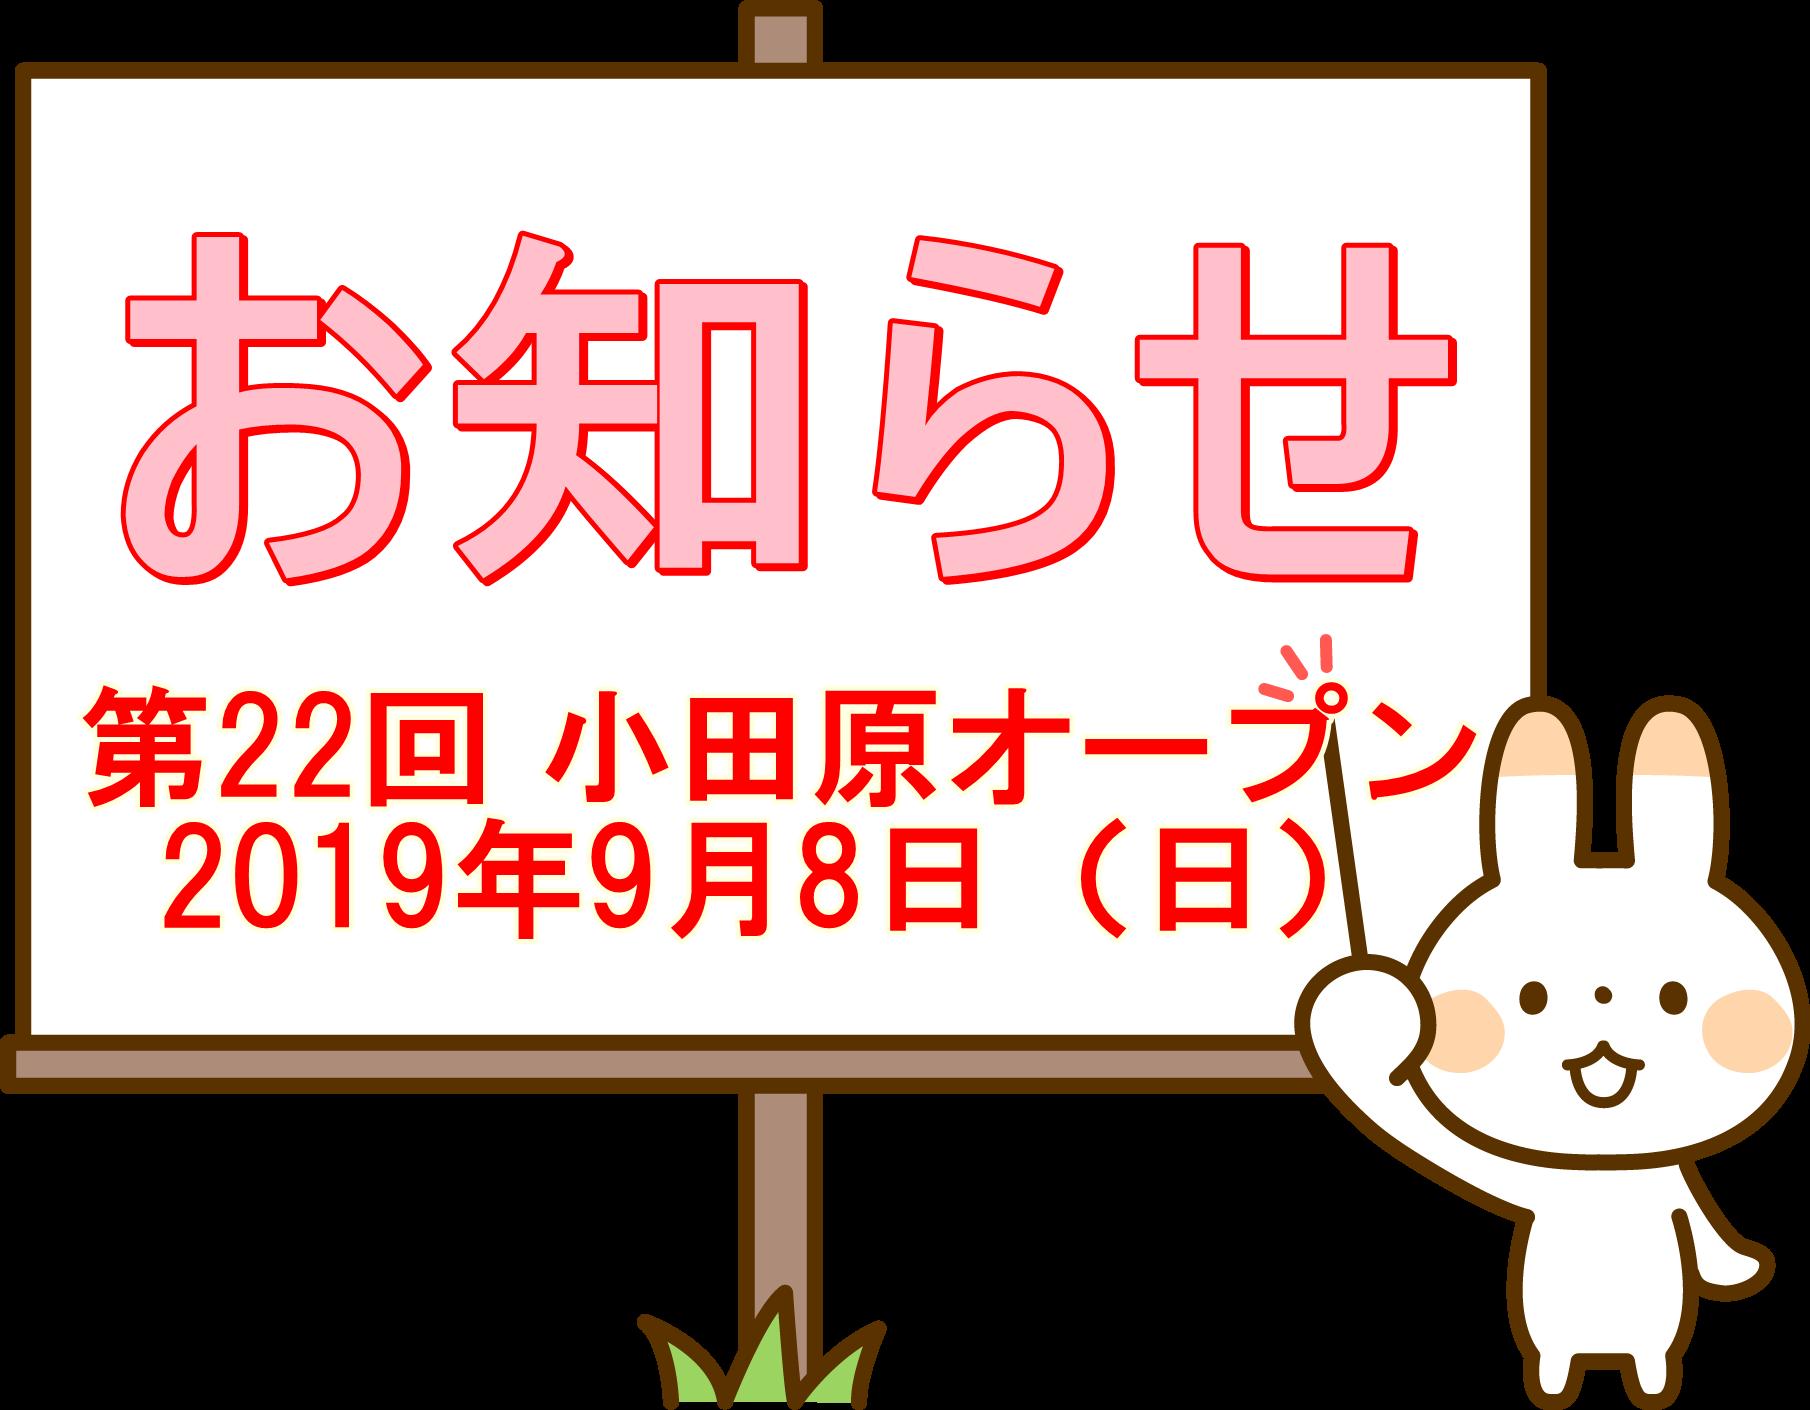 第22回小田原オープンペタンク大会